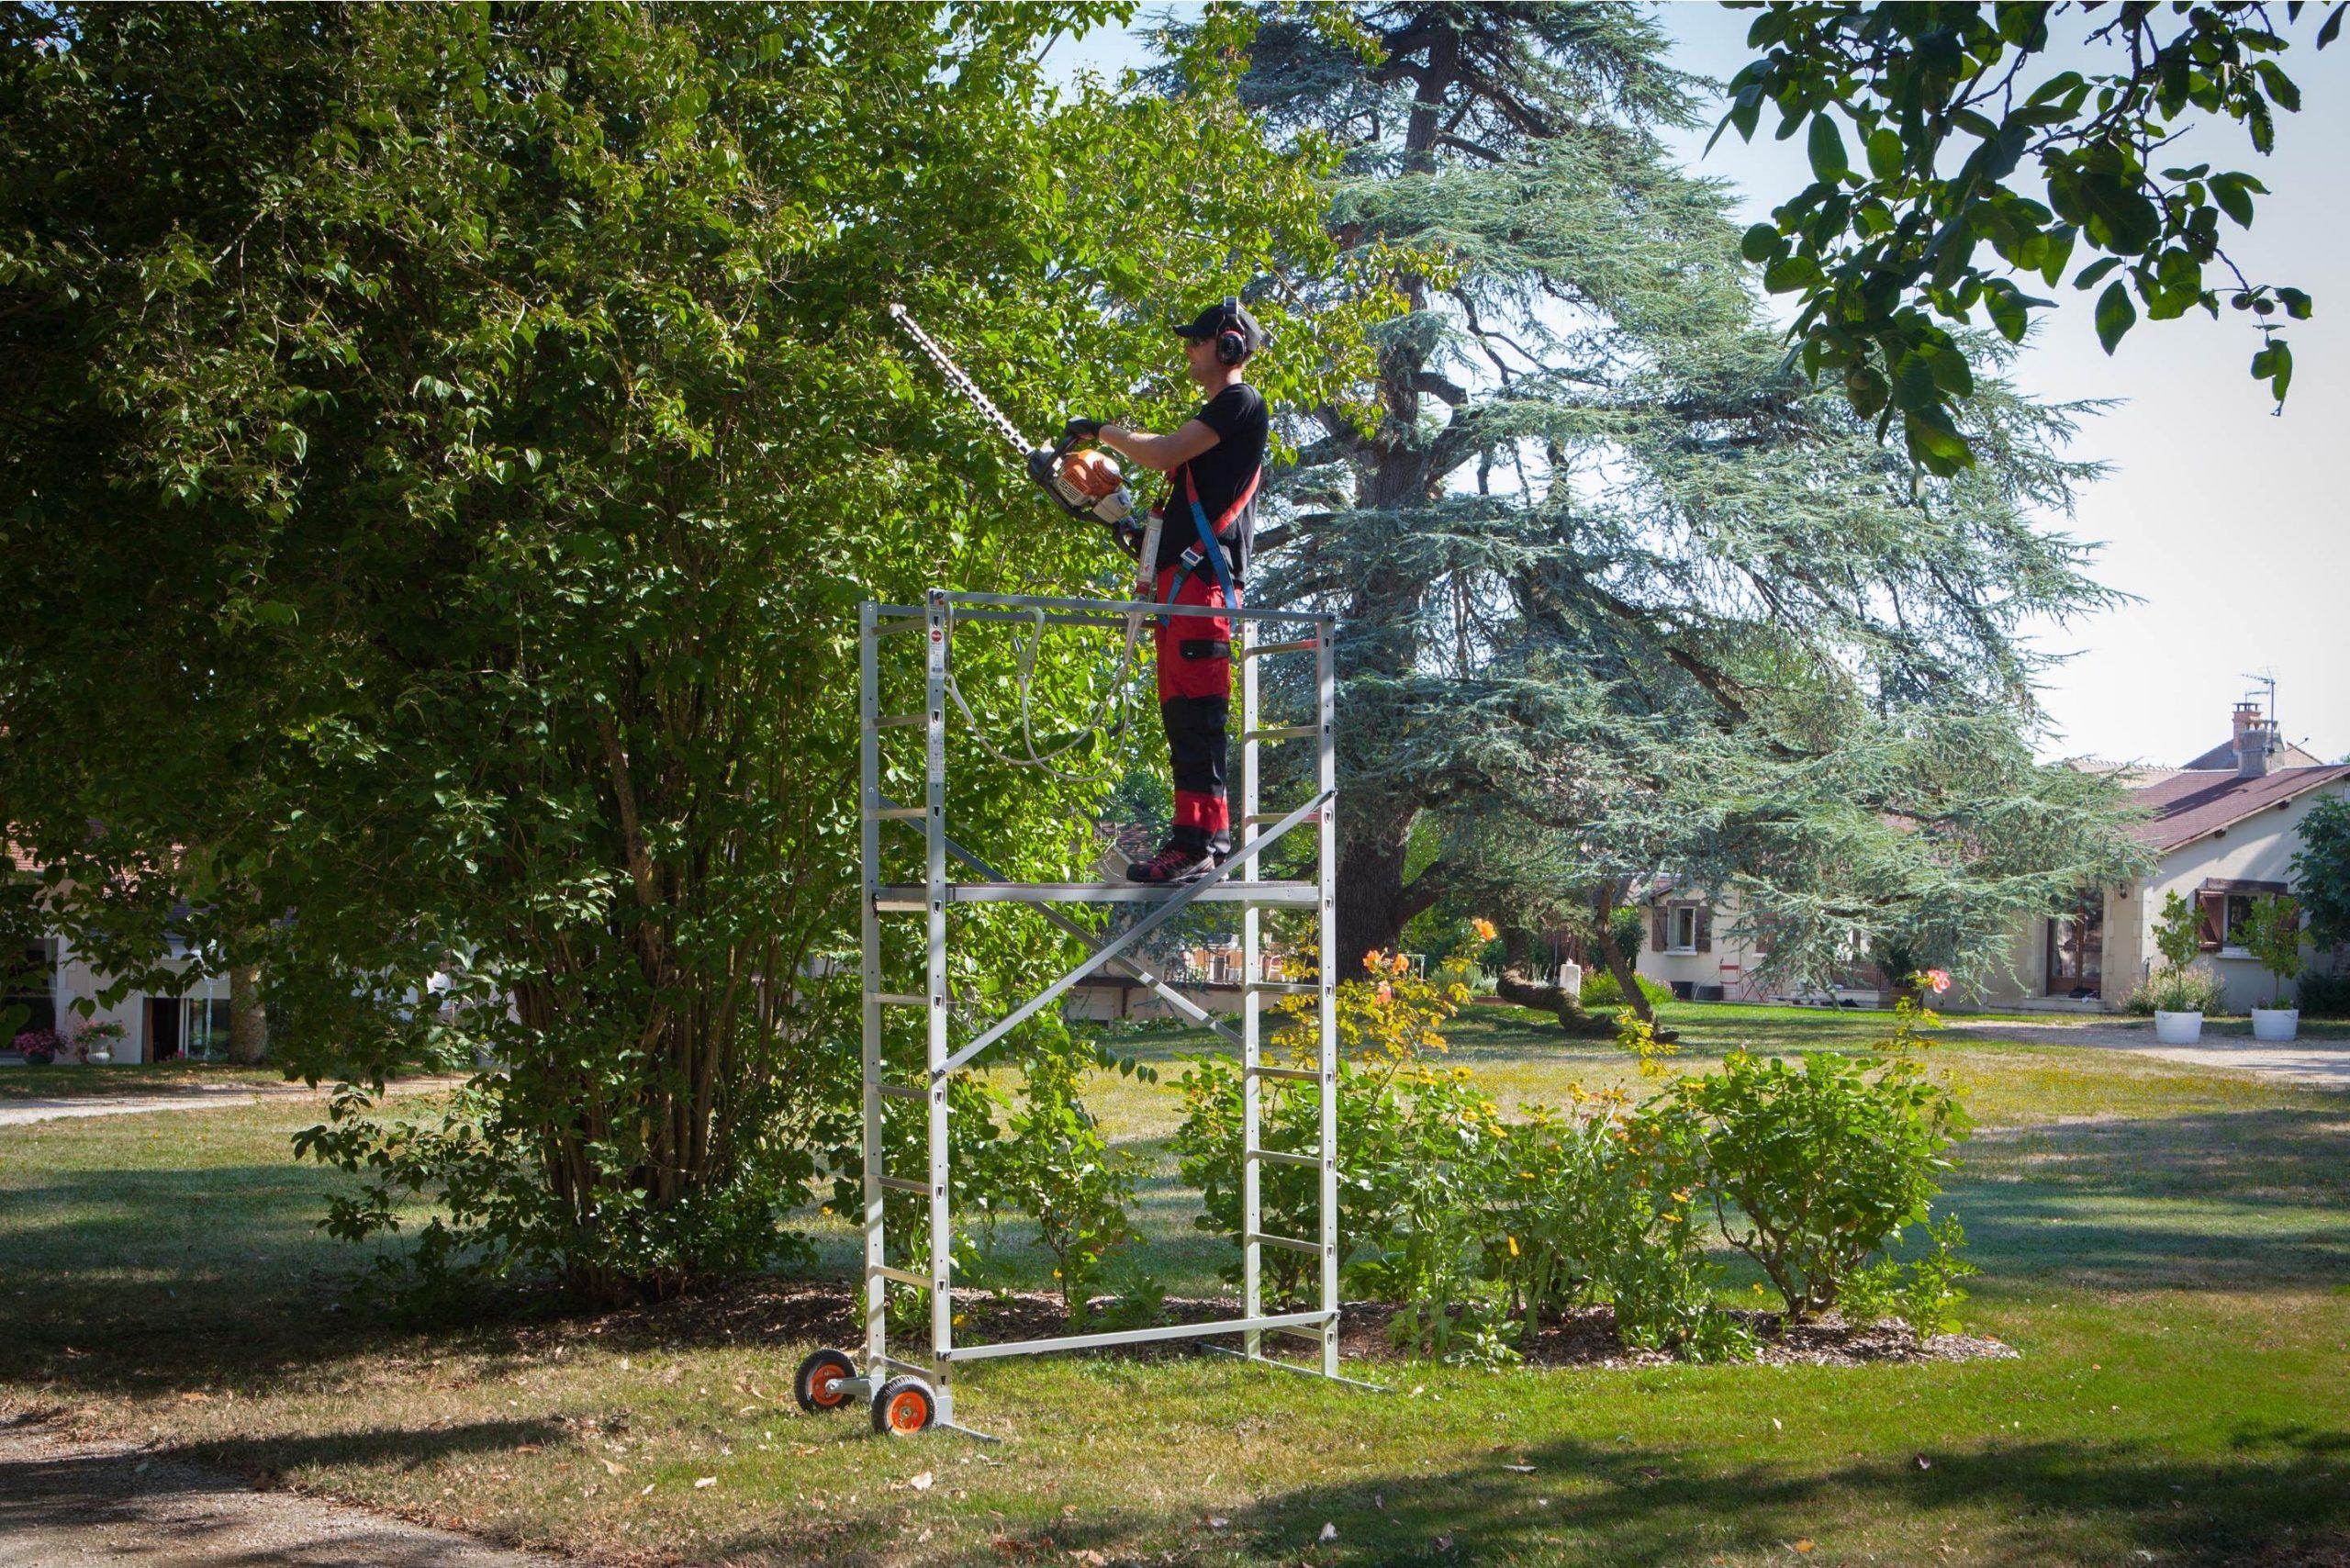 Echafaudage Aluminium Jardin Avec Roue Hailo Hauteur De ... tout Echafaudage De Jardin